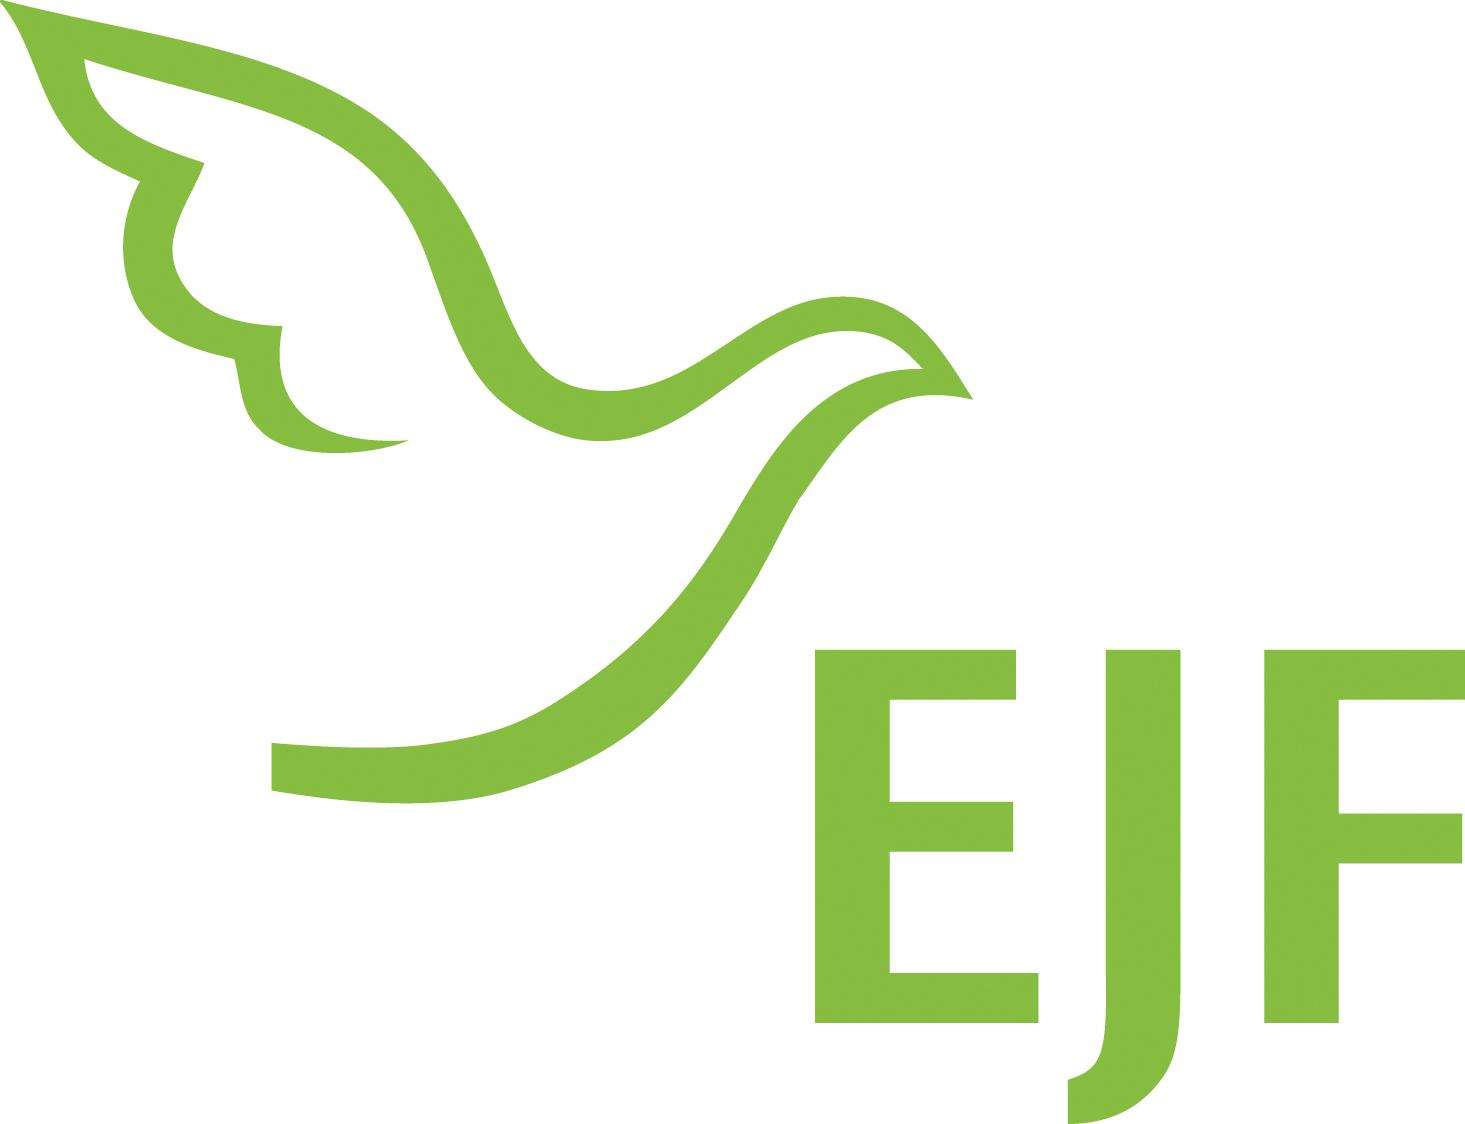 Logo: EJF Diakonie-Pflege gGmbH, Diakonie-Station Hermsdorf-Frohnau